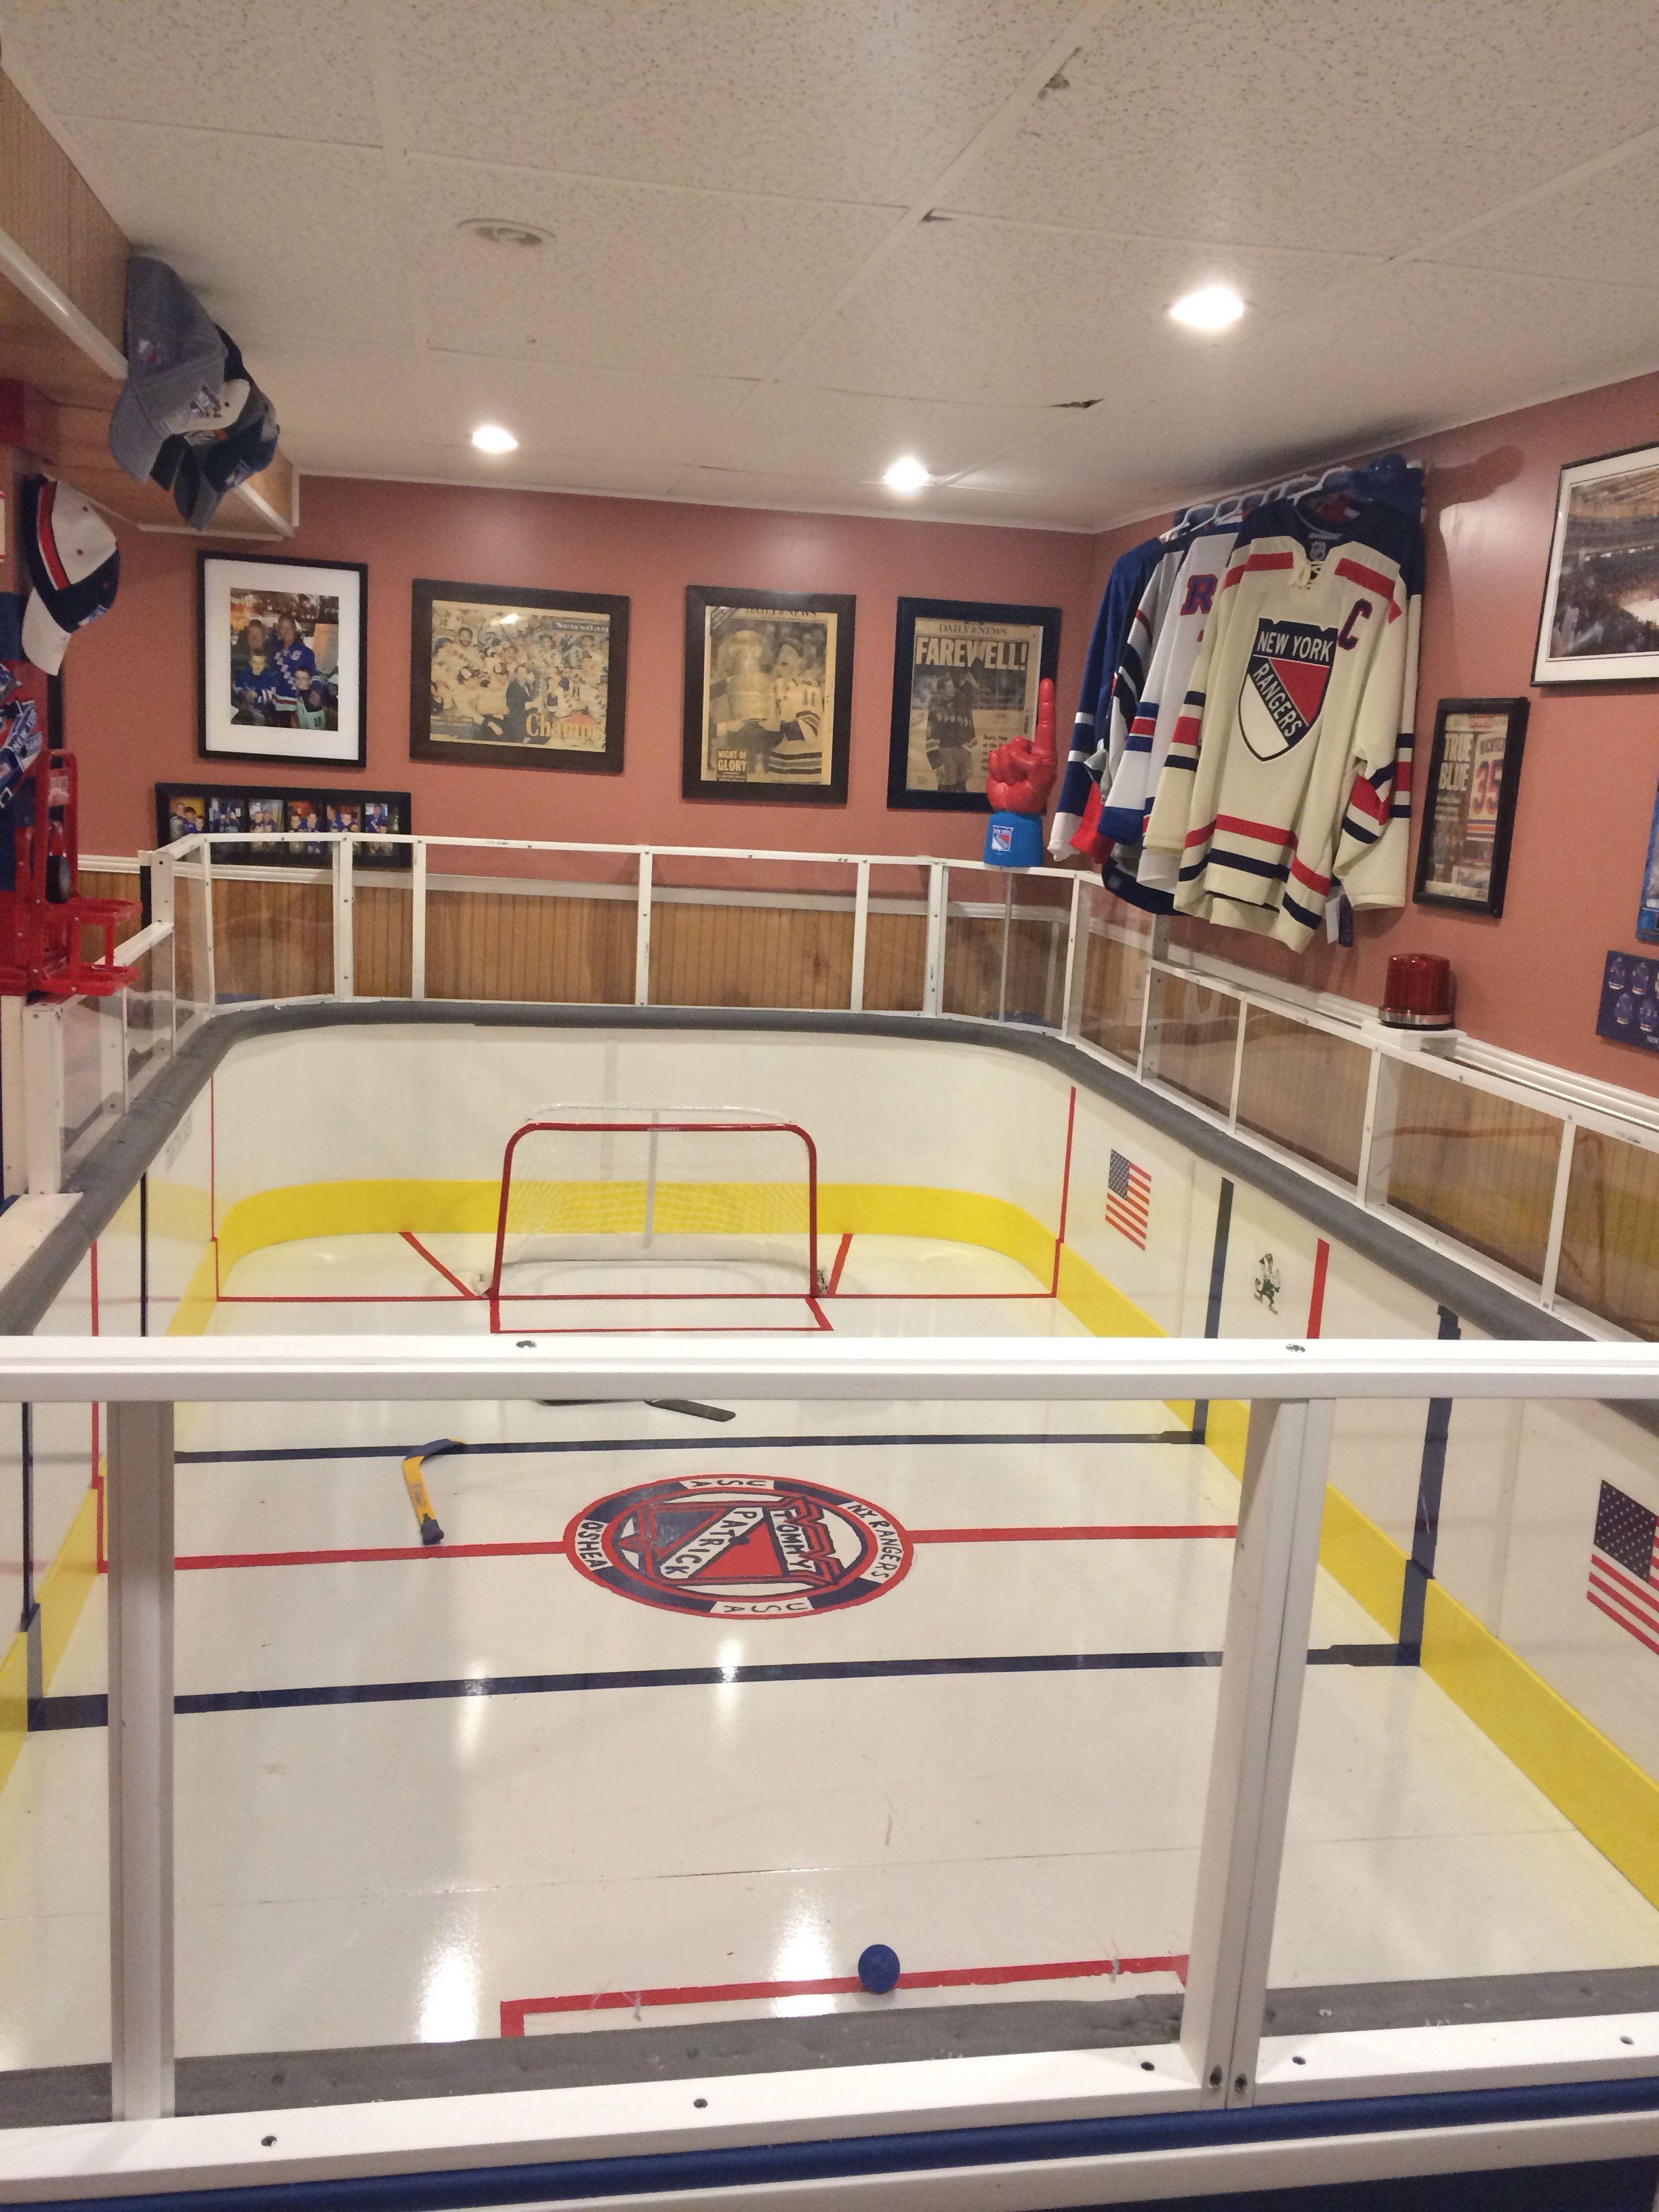 Cool Hockey Rink In Basement Hockey Bedroom Hockey Room Backyard Ice Rink Backyard ice rink kit target